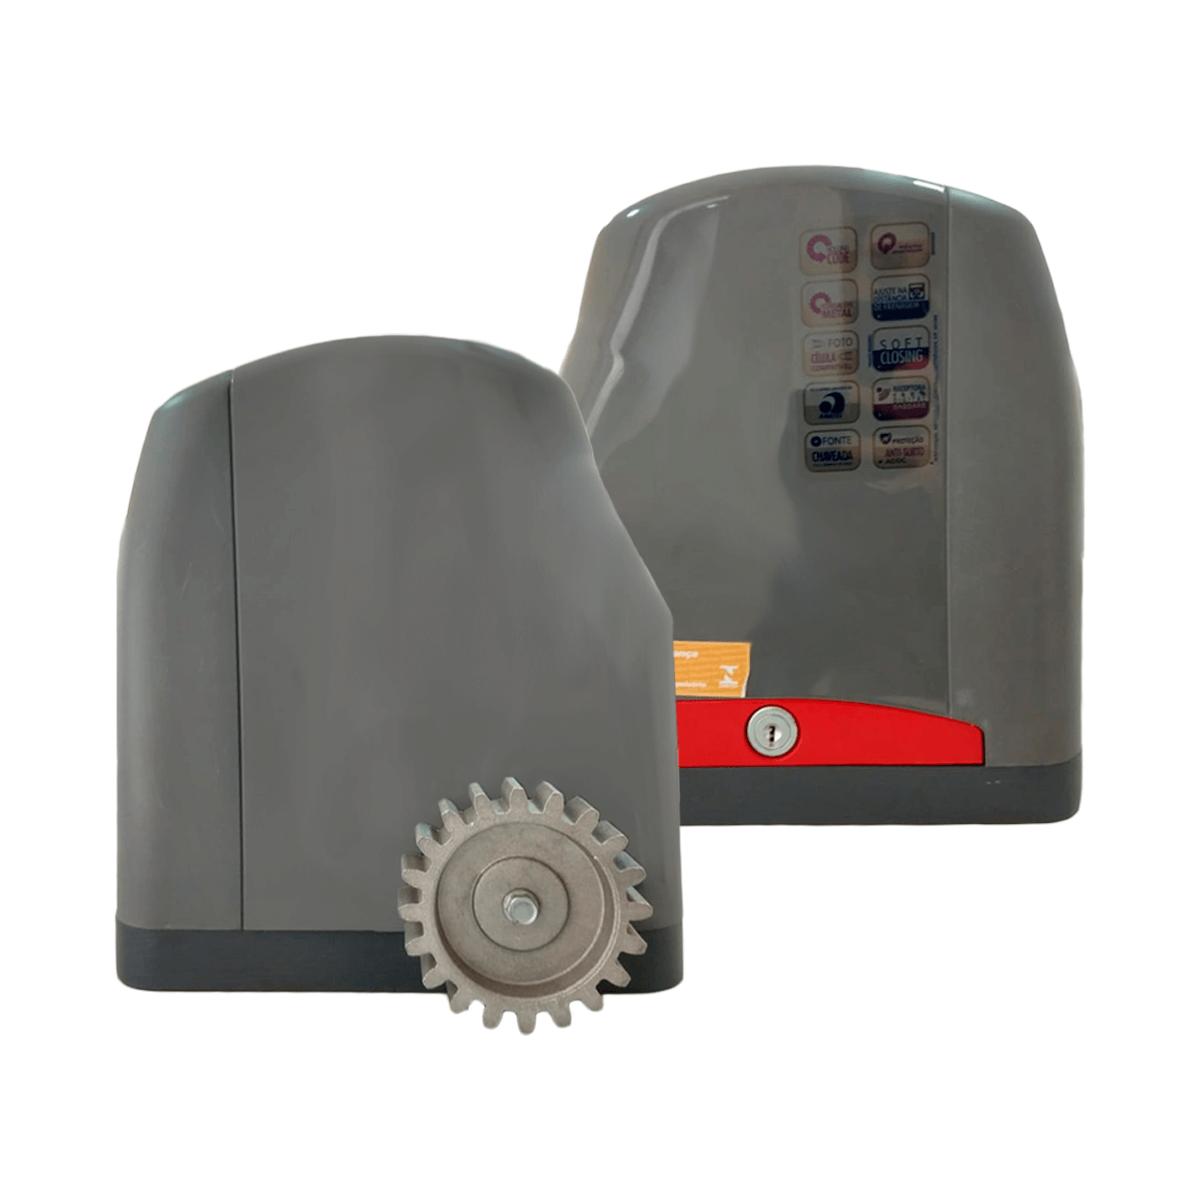 Motor de Portão Deslizante Peccinin SR 800 i-HSC Sem Cremalheira